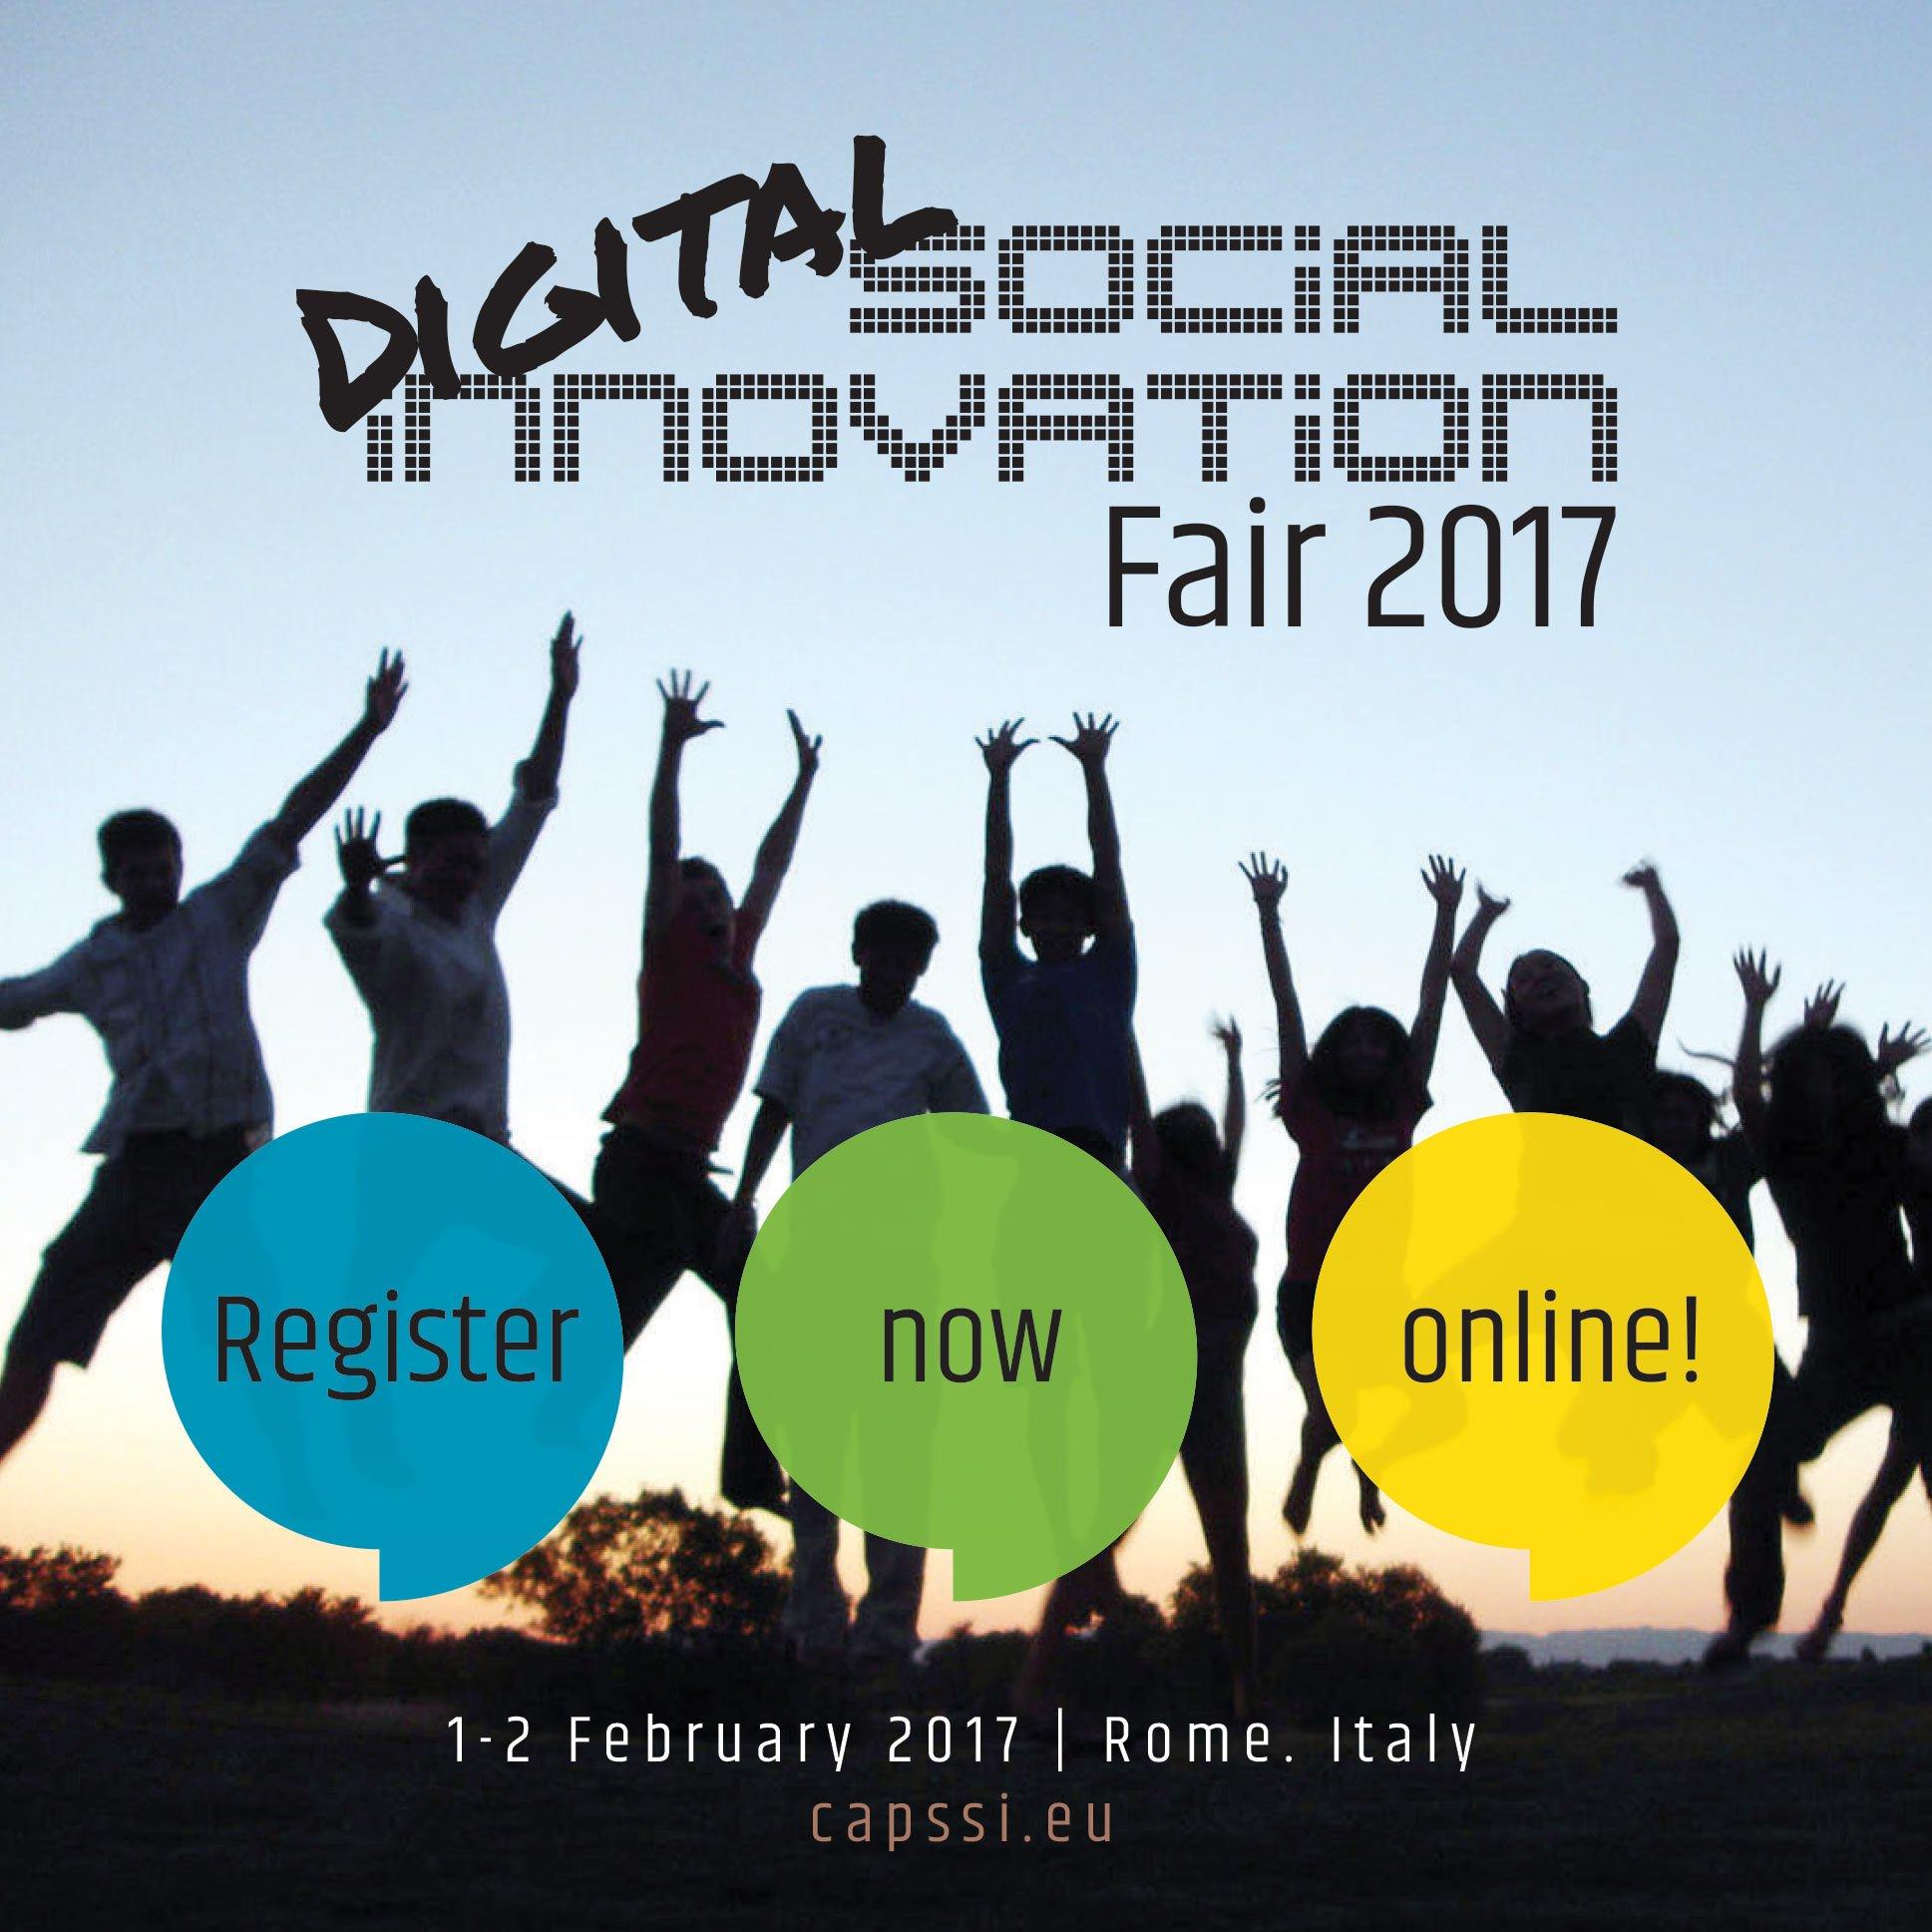 dsifair2017-register-banner2